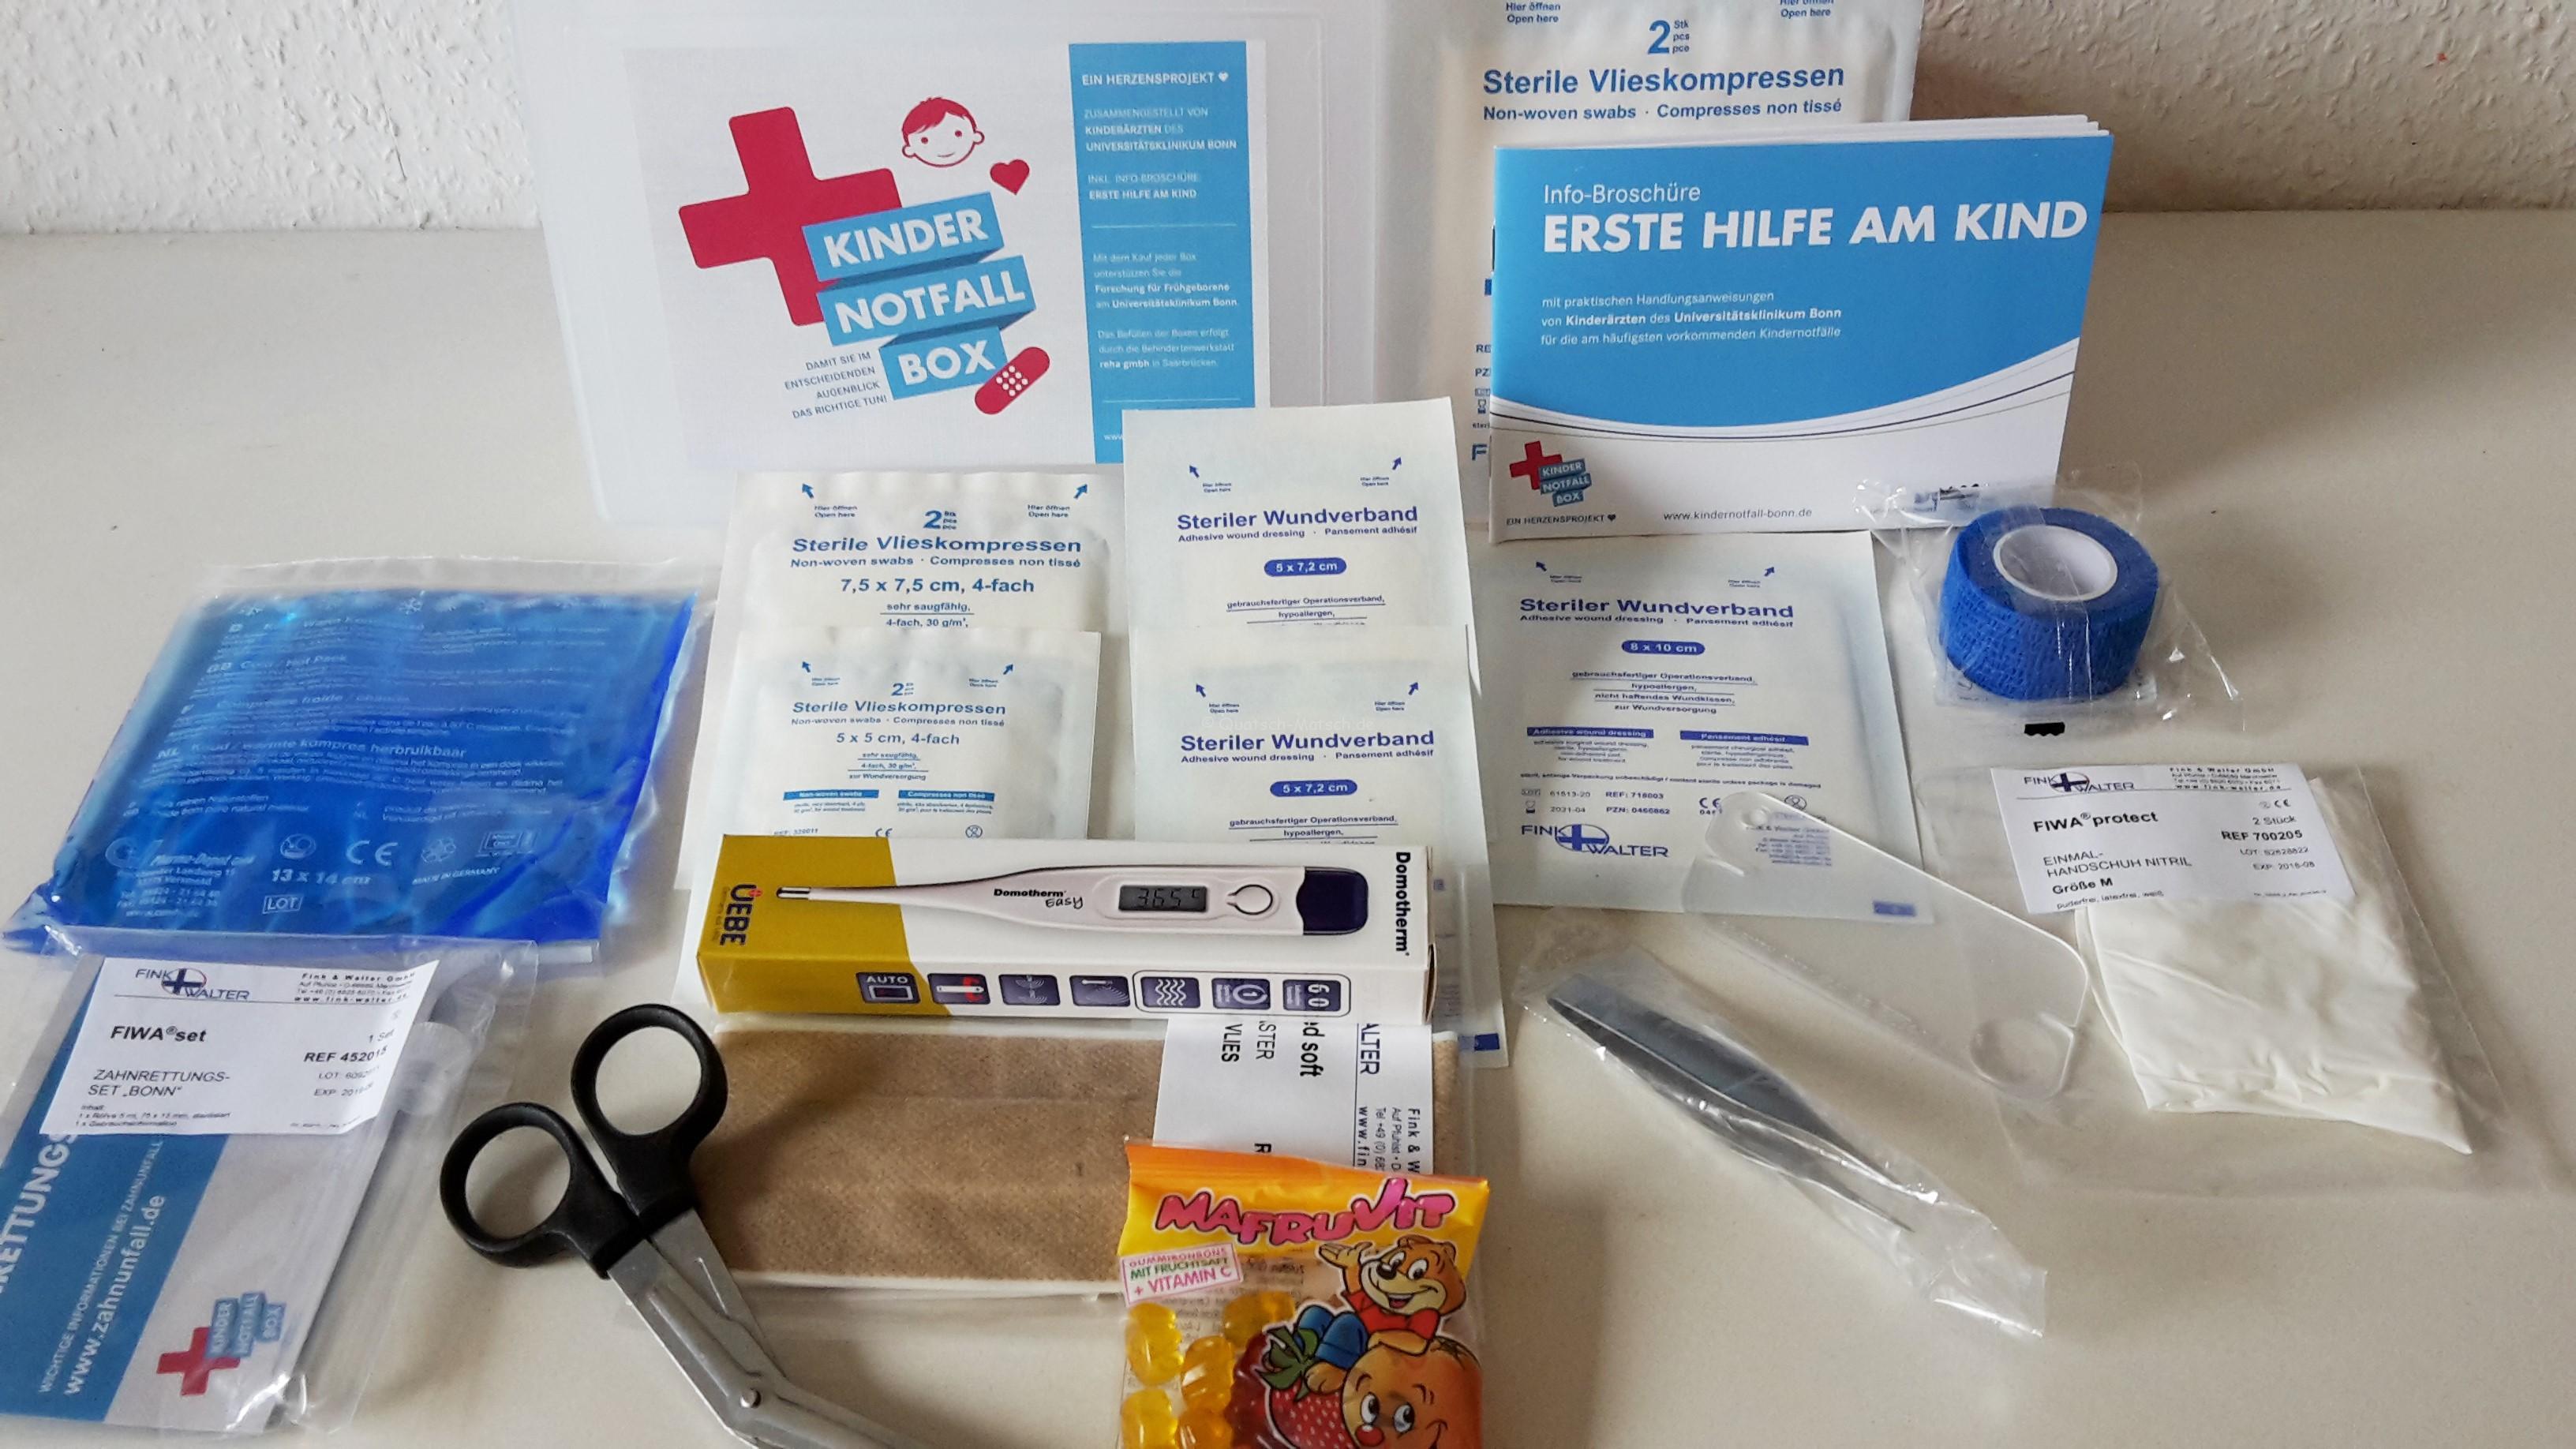 Erste Hilfe bei Kindern – Kindernotfallbox